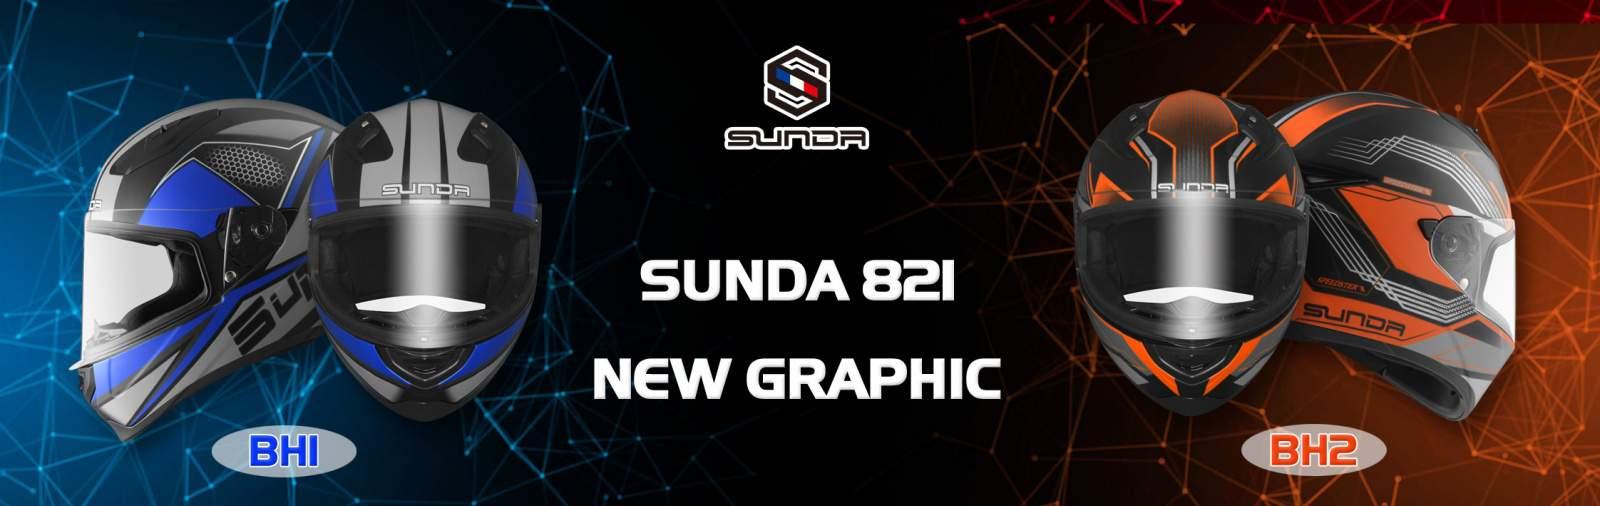 Sunda 822 Banner 821